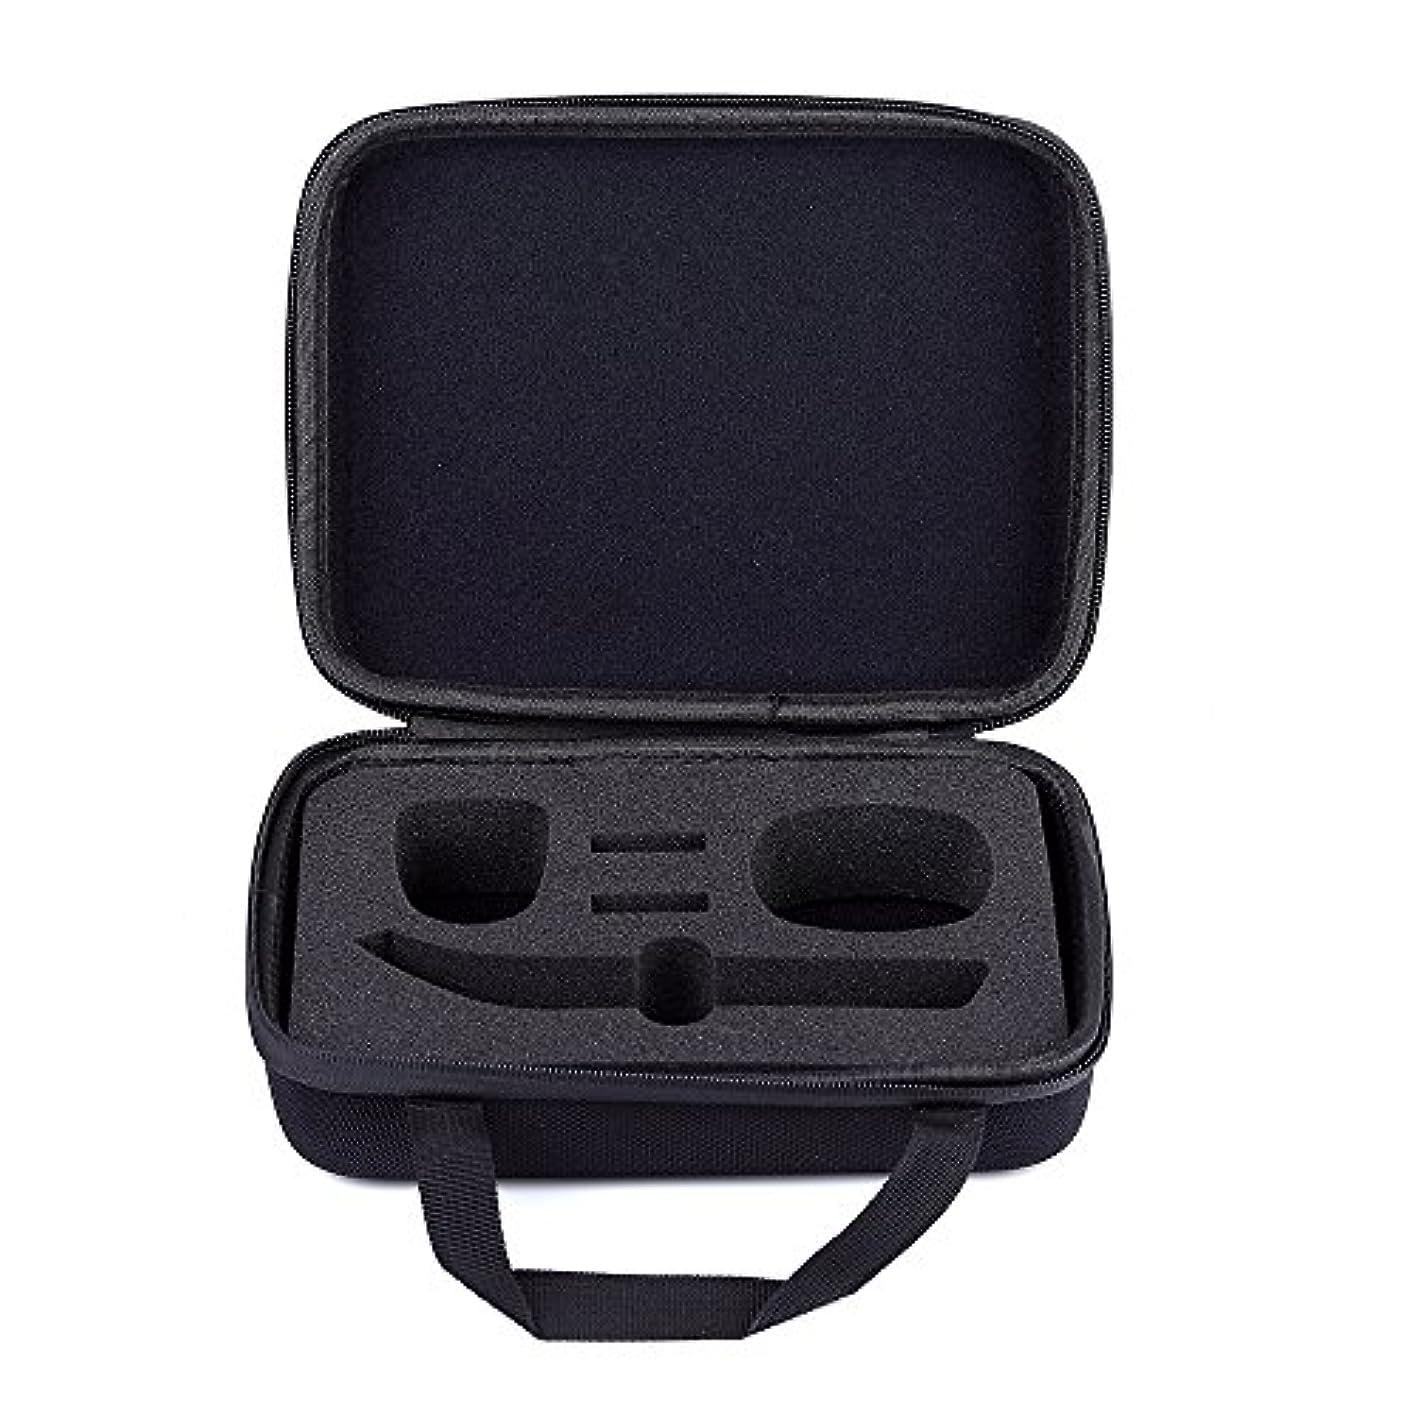 用心合体処方するACAMPTAR トラベルのハードバッグ、携帯用ケース、Norelco Oneblade Pro用、転倒防止、防水、実用的なPhilipsシェーバー用の収納ボックス